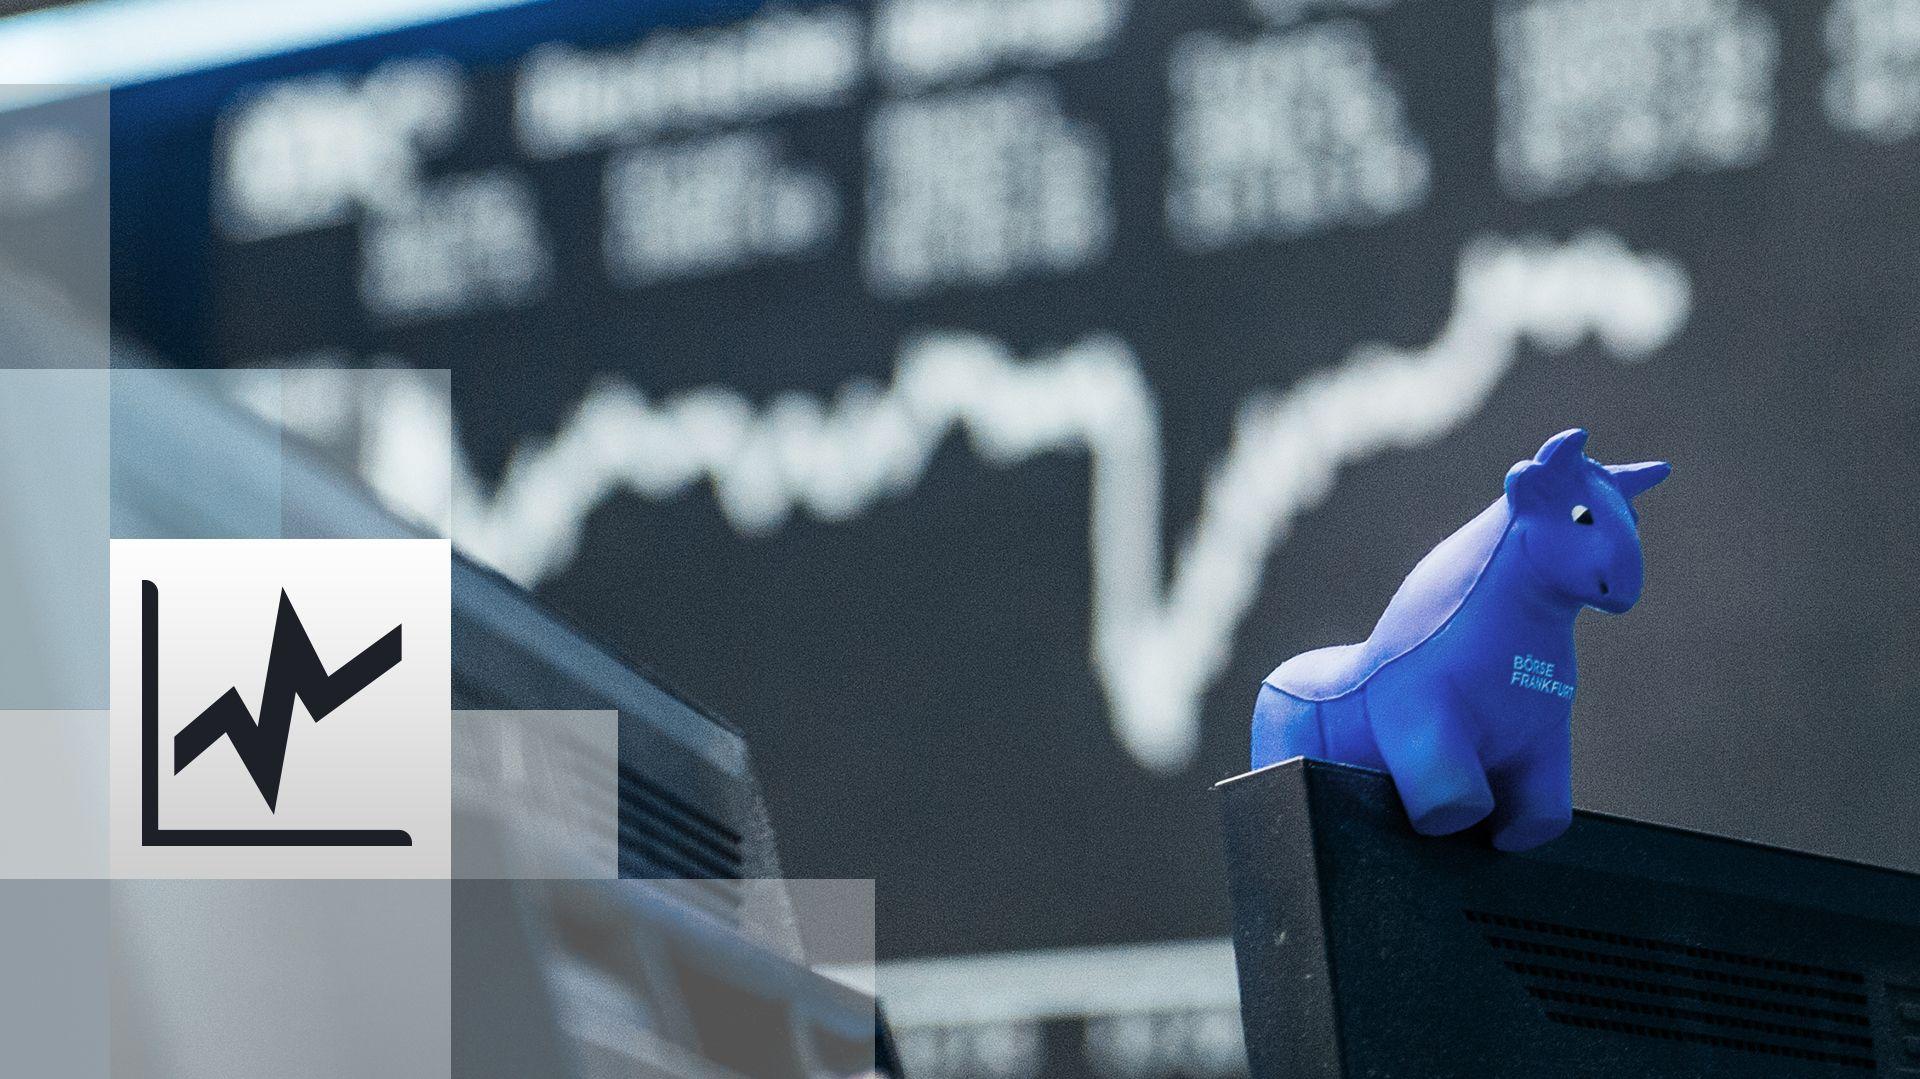 Der blaue Bulle, das Maskottchen der Frankfurter Börse, sitzt vor der Kurstafel im Börsenraum.